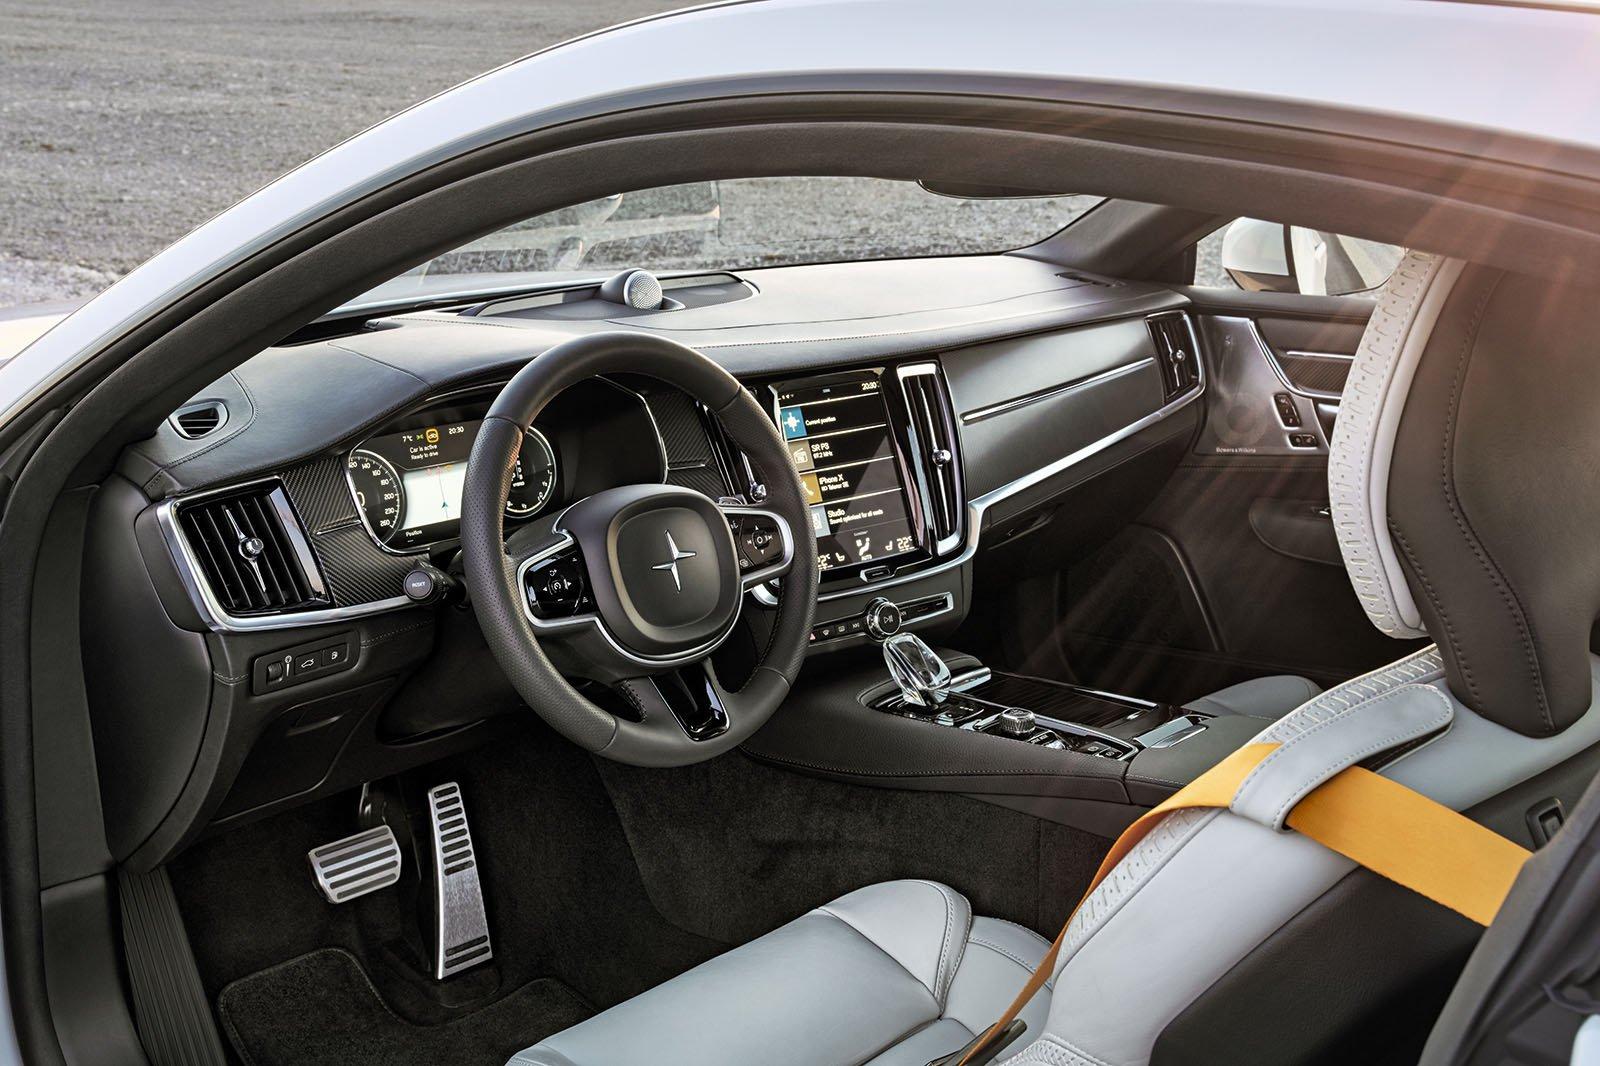 2019 Polestar 1 interior